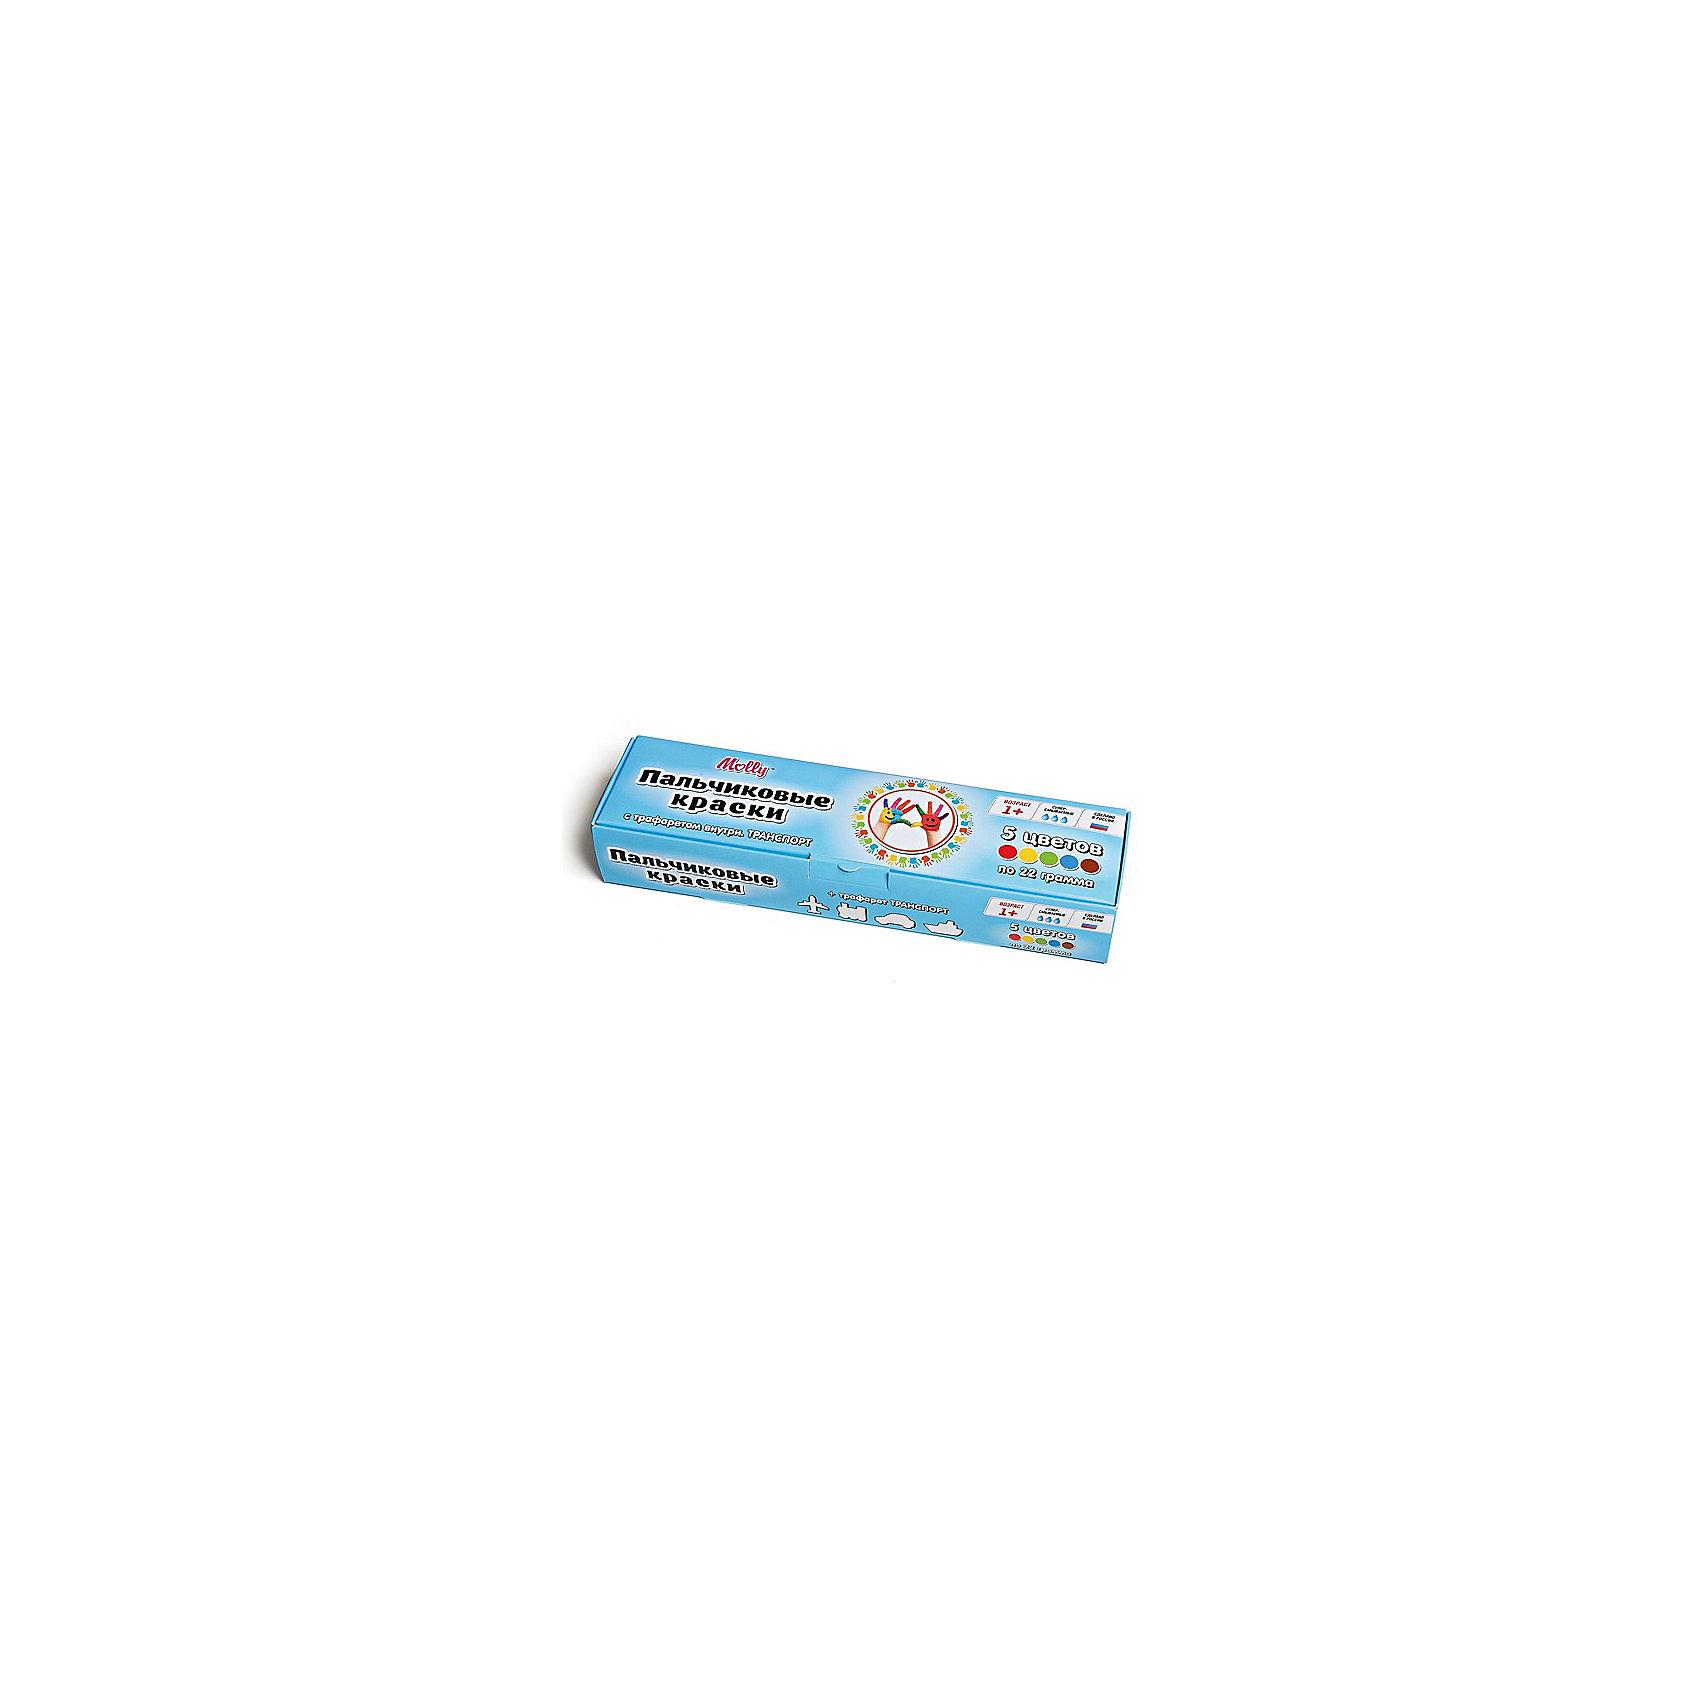 Пальчиковые краски Транспорт с трафаретом, 5 цветовРисование<br>Пальчиковые краски Транспорт с трафаретом, 5 цветов.<br><br>Характеристика: <br><br>• Материал: пищевой краситель, целлюлозный загуститель, глицерин, мел, консервант косметический, вода питьевая. <br>• Размер упаковки: 24,5х6,5х4,5 см.<br>• Объем баночки: 22 мл.<br>• Количество цветов: 5 (коричневый, зеленый, синий, красный, желтый).<br>• Комплектация: 5 баночек с краской, тематический трафарет.<br>• Яркие, насыщенные цвета. <br>• Краска легко смывается с одежды и рук. <br>• Безопасна при проглатывании. <br>• Отлично развивает моторику рук, внимание, мышление и воображение. <br>• Оригинальный фигурные штампики. <br><br>Пальчиковые краски - идеальный вариант для самых юных и активных художников! Краски изготовлены их высококачественных нетоксичных материалов абсолютно безопасных для малышей. Яркие цвета и оригинальный тематический трафарет обязательно заинтересуют кроху и подарят множество приятных творческих моментов!<br><br>Рисование - прекрасный вид детского досуга практически в любом возрасте. В процессе художественной деятельности ребенок развивает моторику рук, цветовосприятие, фантазию и усидчивость, получая при этом море положительных эмоций. <br><br>Пальчиковые краски Транспорт с трафаретом, 5 цветов, можно купить в нашем интернет-магазине.<br><br>Ширина мм: 24<br>Глубина мм: 6<br>Высота мм: 4<br>Вес г: 110<br>Возраст от месяцев: 12<br>Возраст до месяцев: 36<br>Пол: Унисекс<br>Возраст: Детский<br>SKU: 5417579